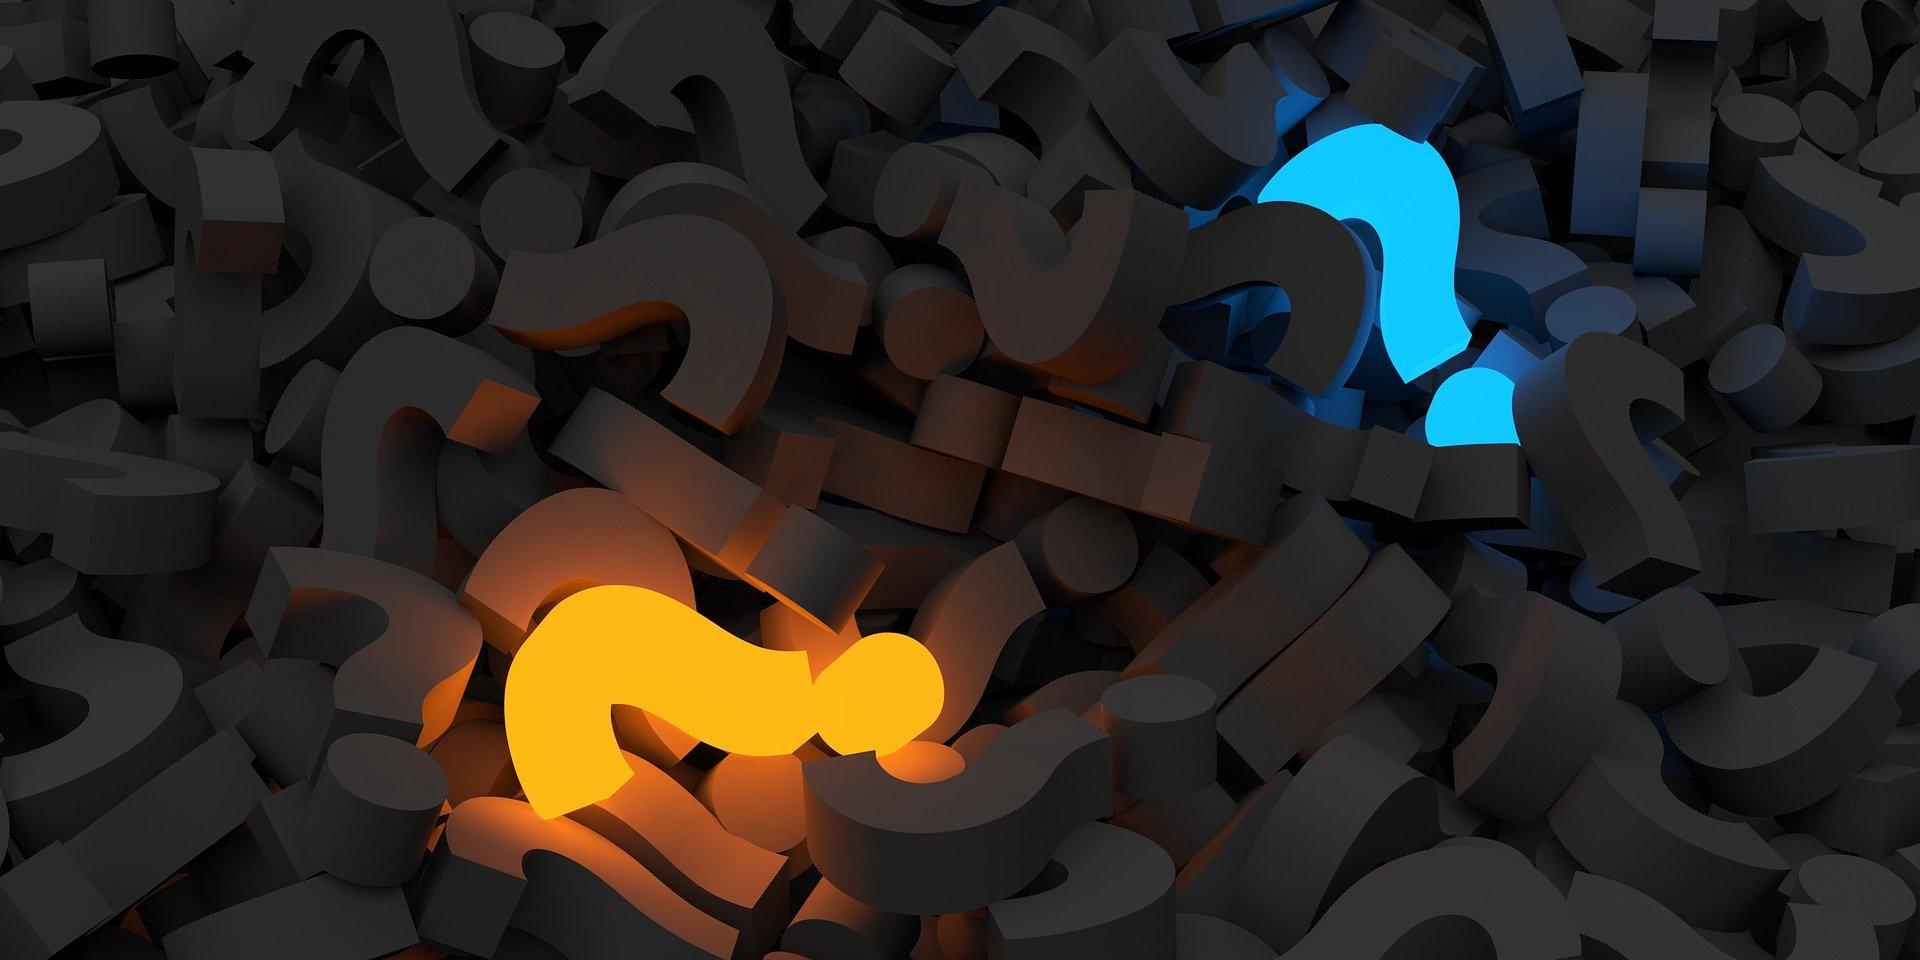 Decreto Rilancio, guida a benefici, requisiti e modalità operative per le imprese